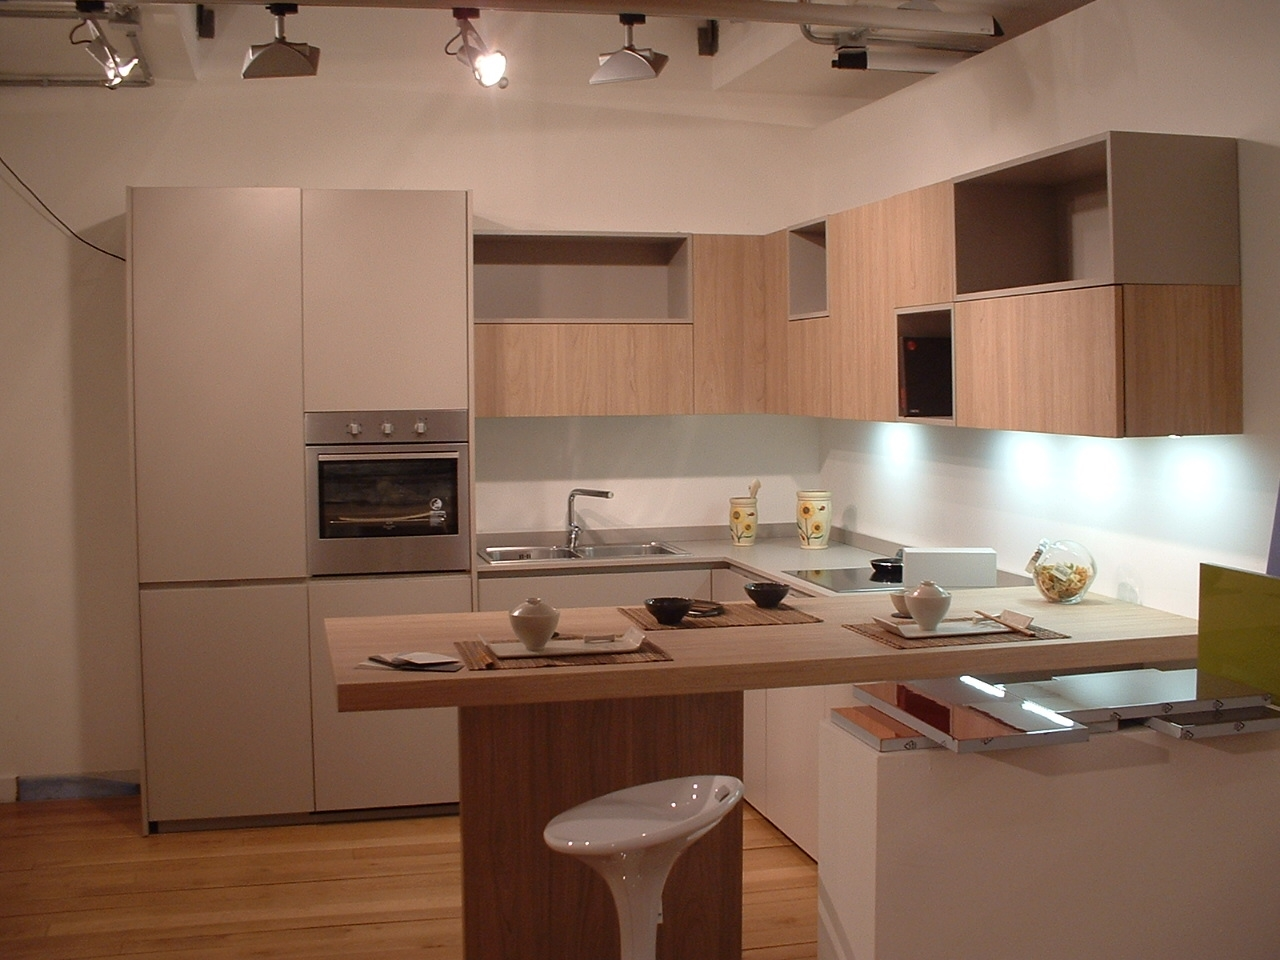 Mk cucine cucina glam scontato del 65 cucine a prezzi - Cucine per angolo cottura ...